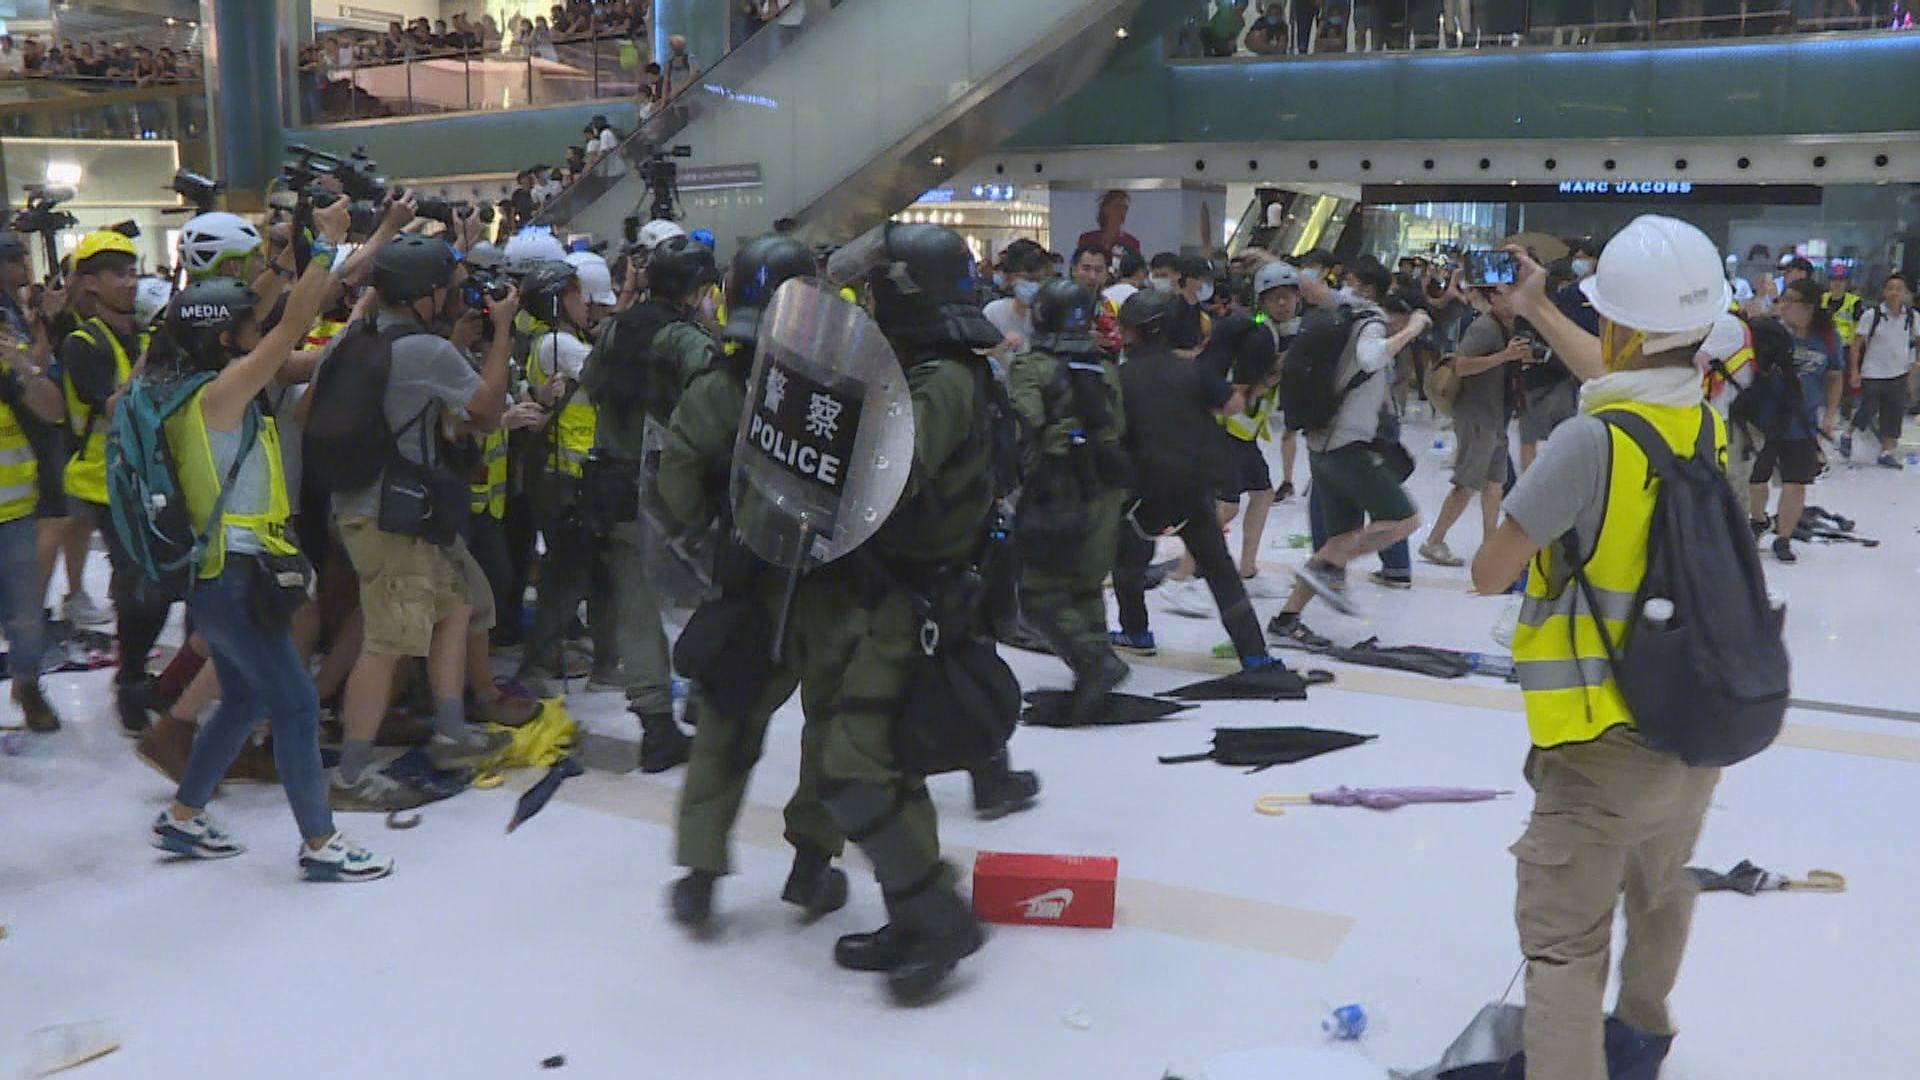 去年7月新城市廣場衝突 三人認暴動還柙候判